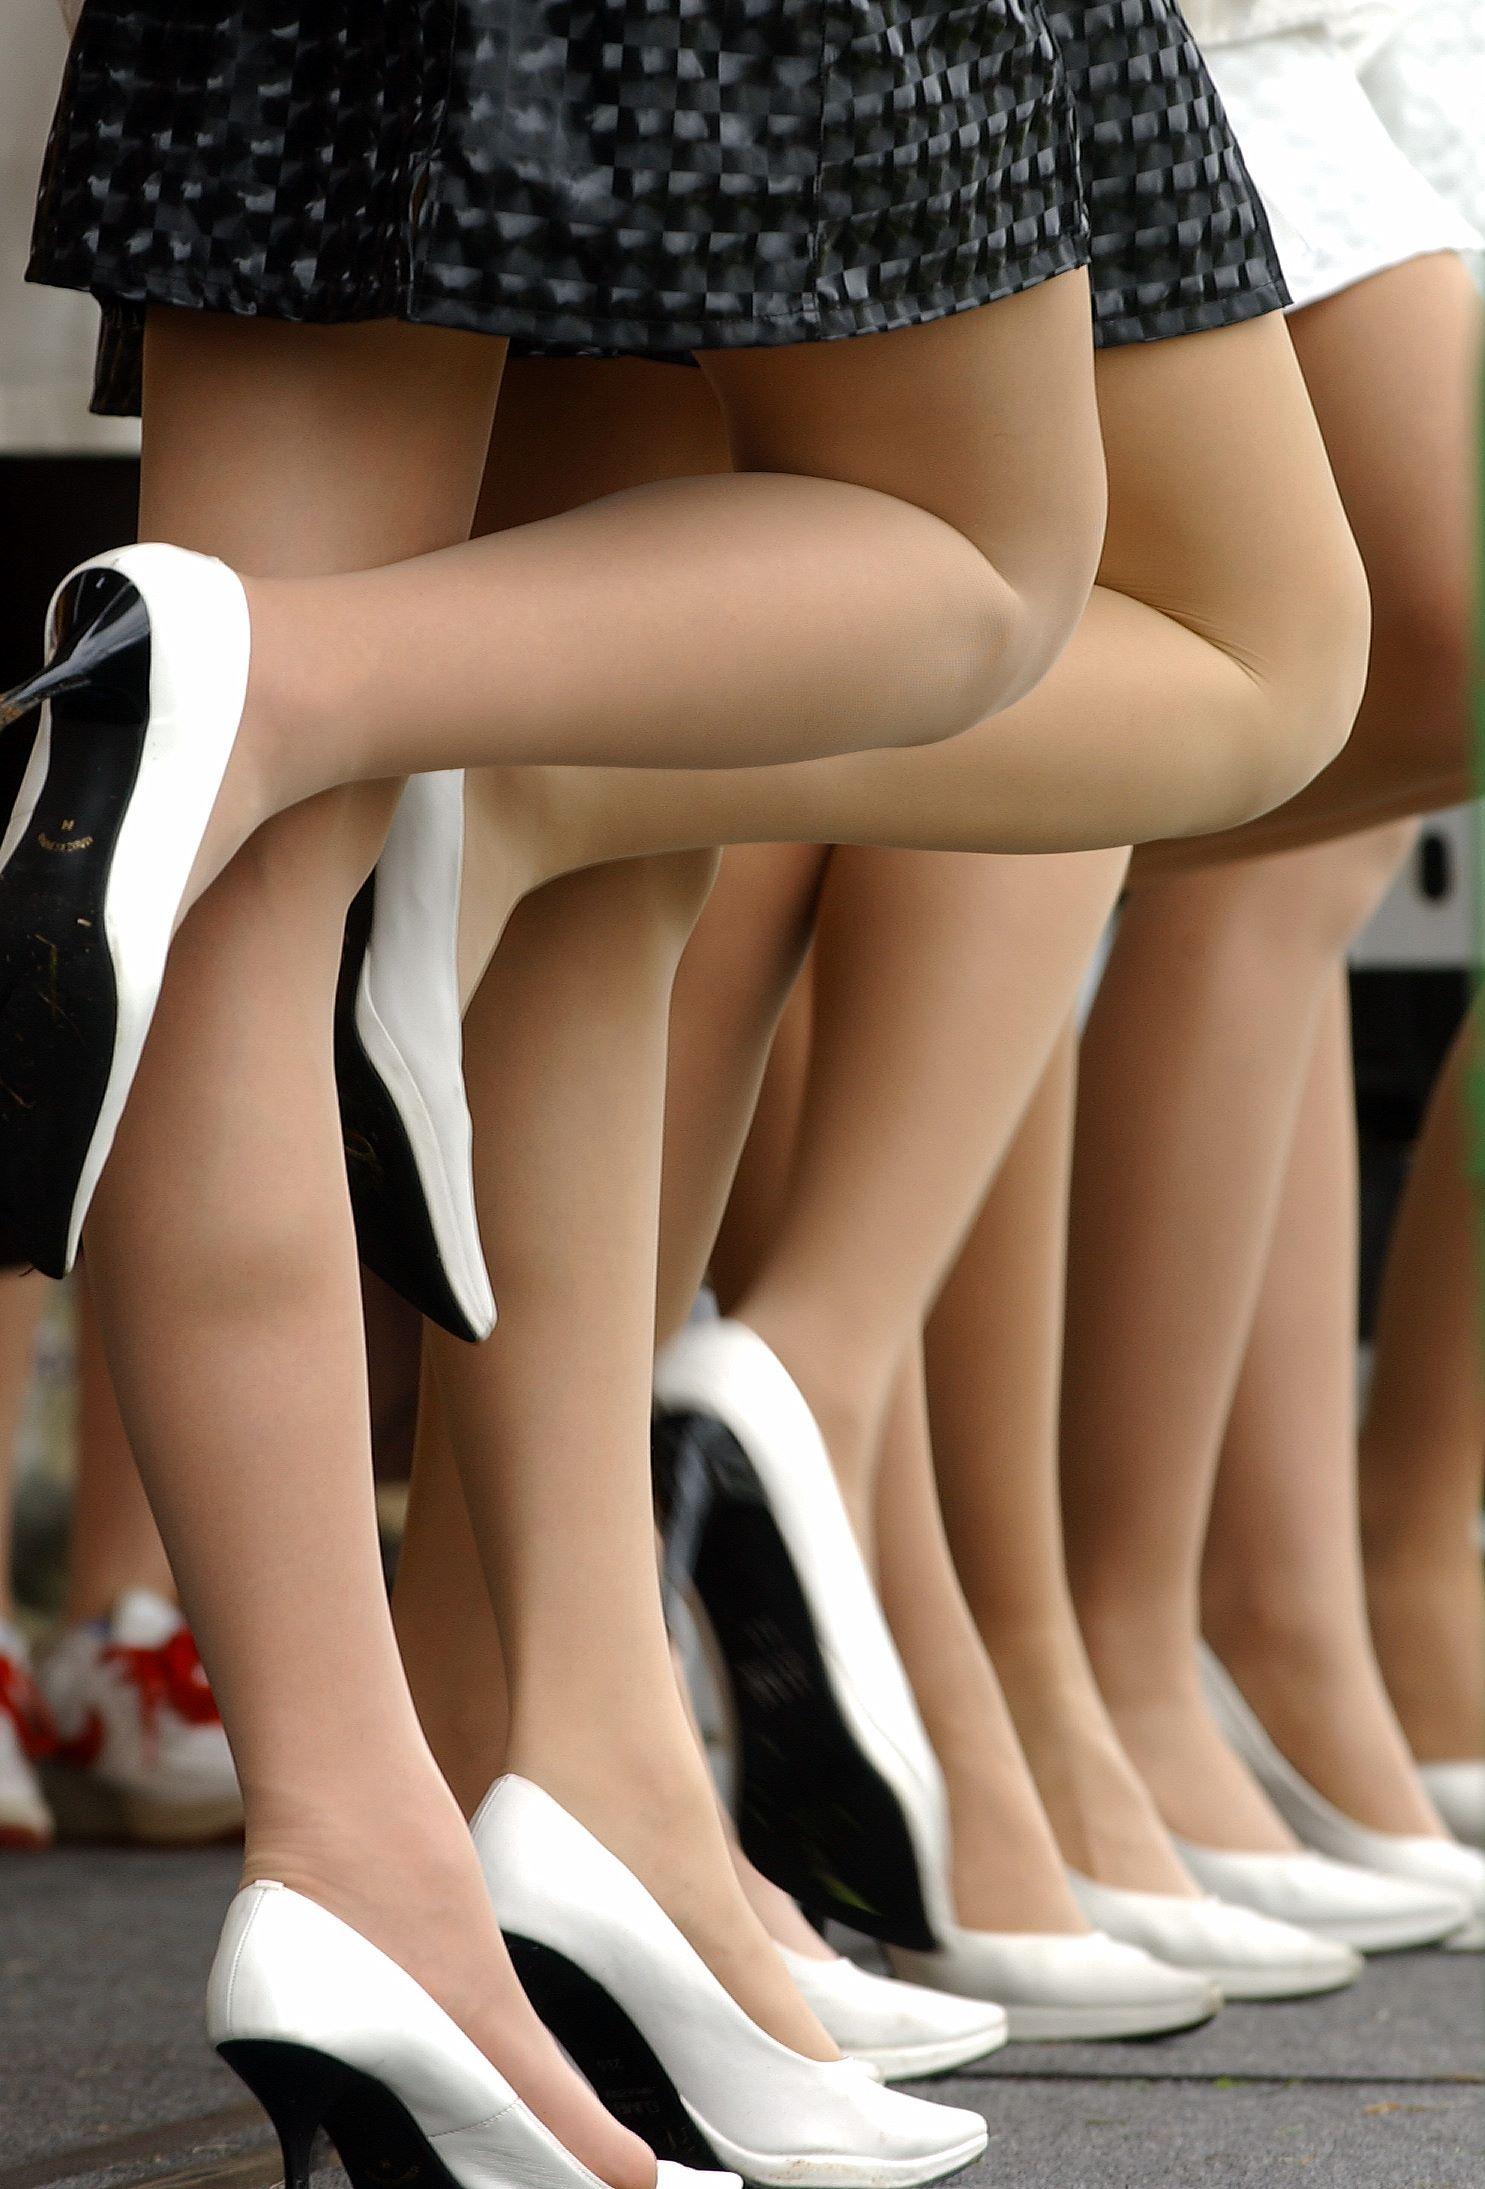 【キャンギャルエロ画像】美脚であるのが最低条件w脚線美で攻めるキャンギャルの皆さんwww 13